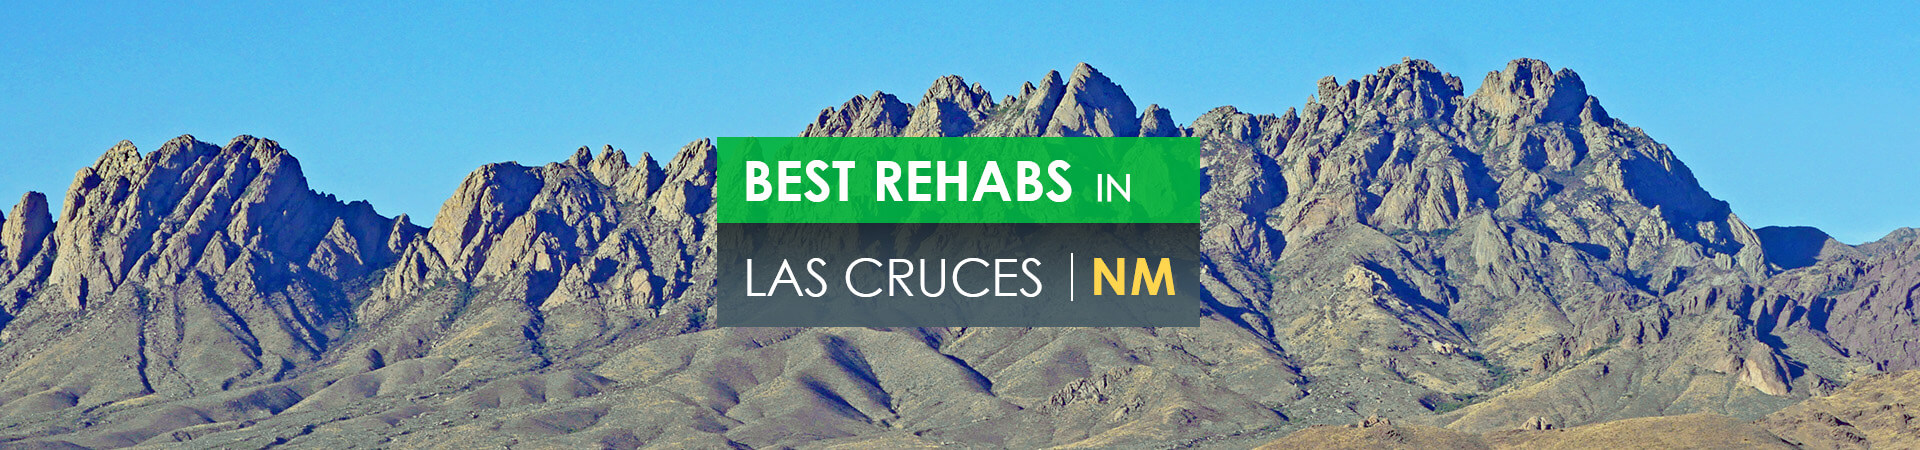 Best rehabs in Las Cruces, NM